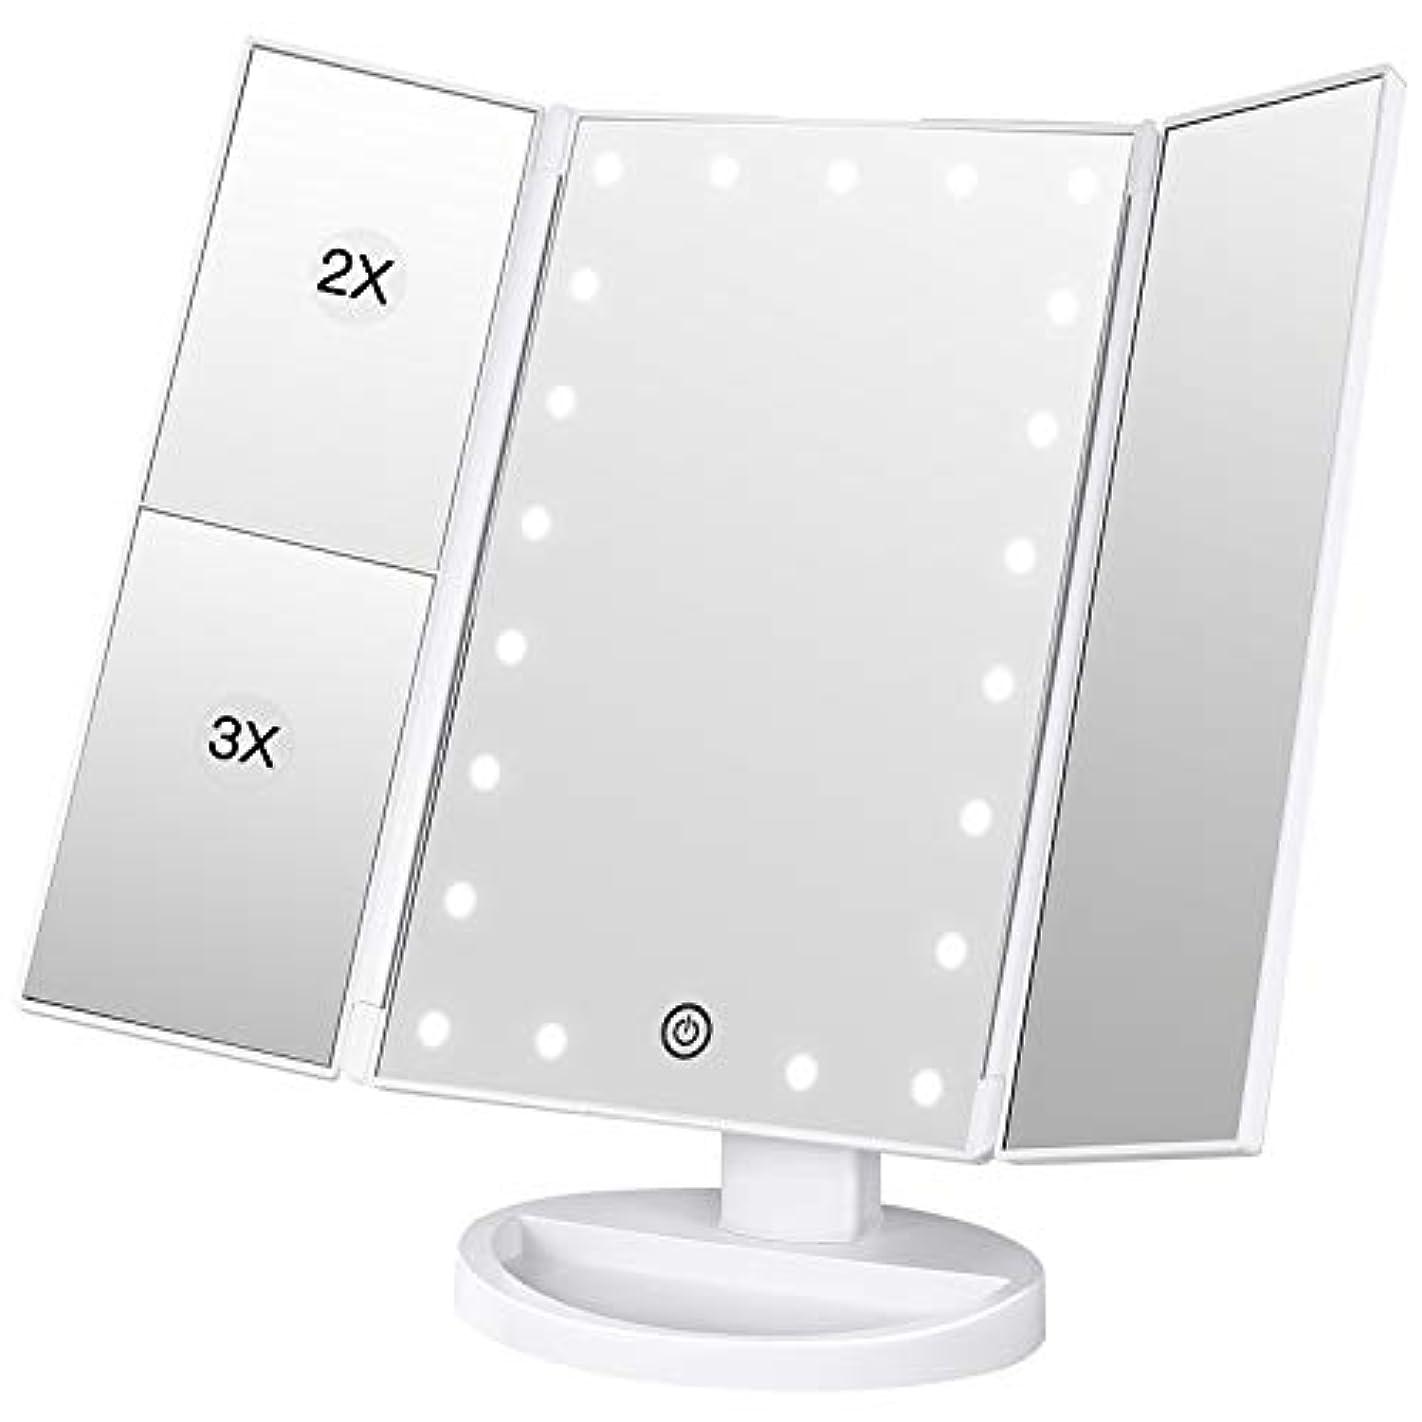 砦商人入力BESTOPE 化粧鏡 化粧ミラー 鏡 三面鏡 女優ミラー 卓上 led付き 折りたたみ 拡大鏡 2&3倍 明るさ調節可能 180°回転 電池&USB 2WAY給電